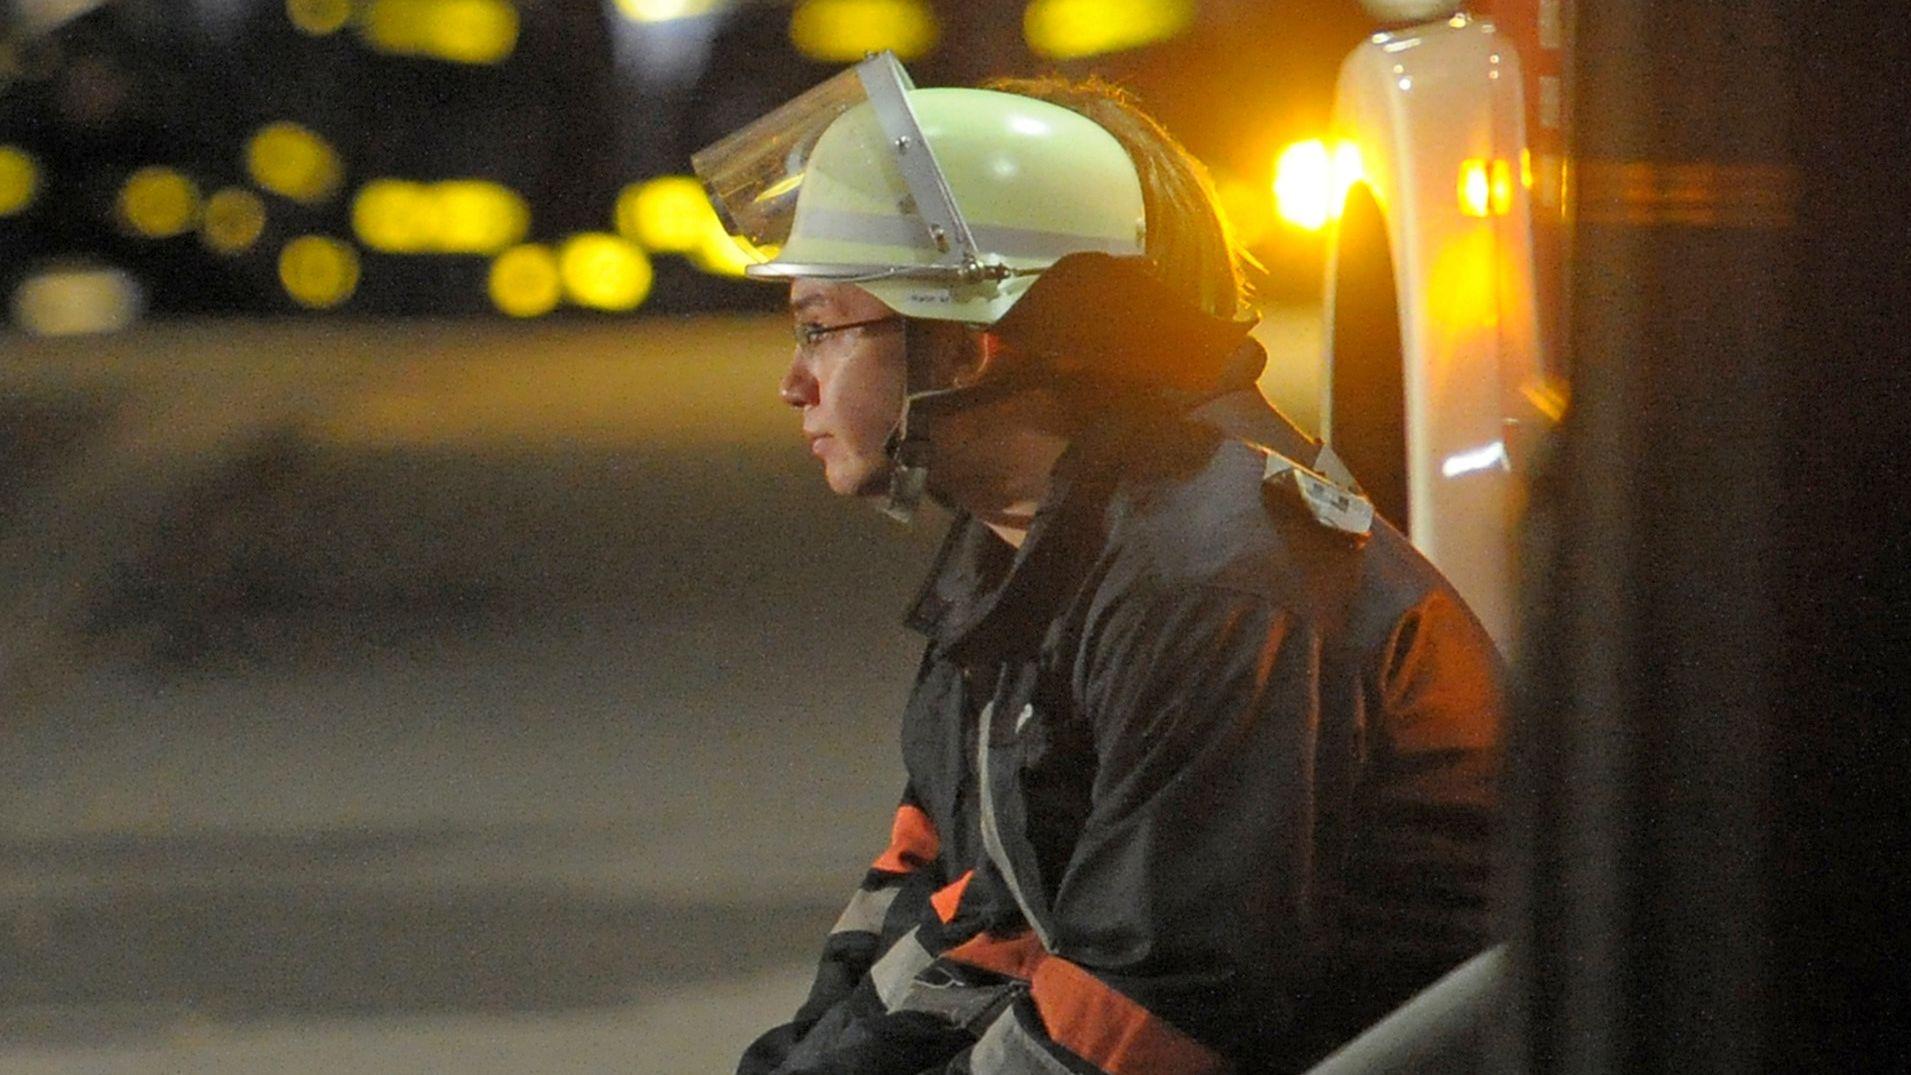 Ein Feuerwehrmann sitzt nach einem Brand in einem Wohnhaus sichtlich erschöpft an einem Einsatzfahrzeug.